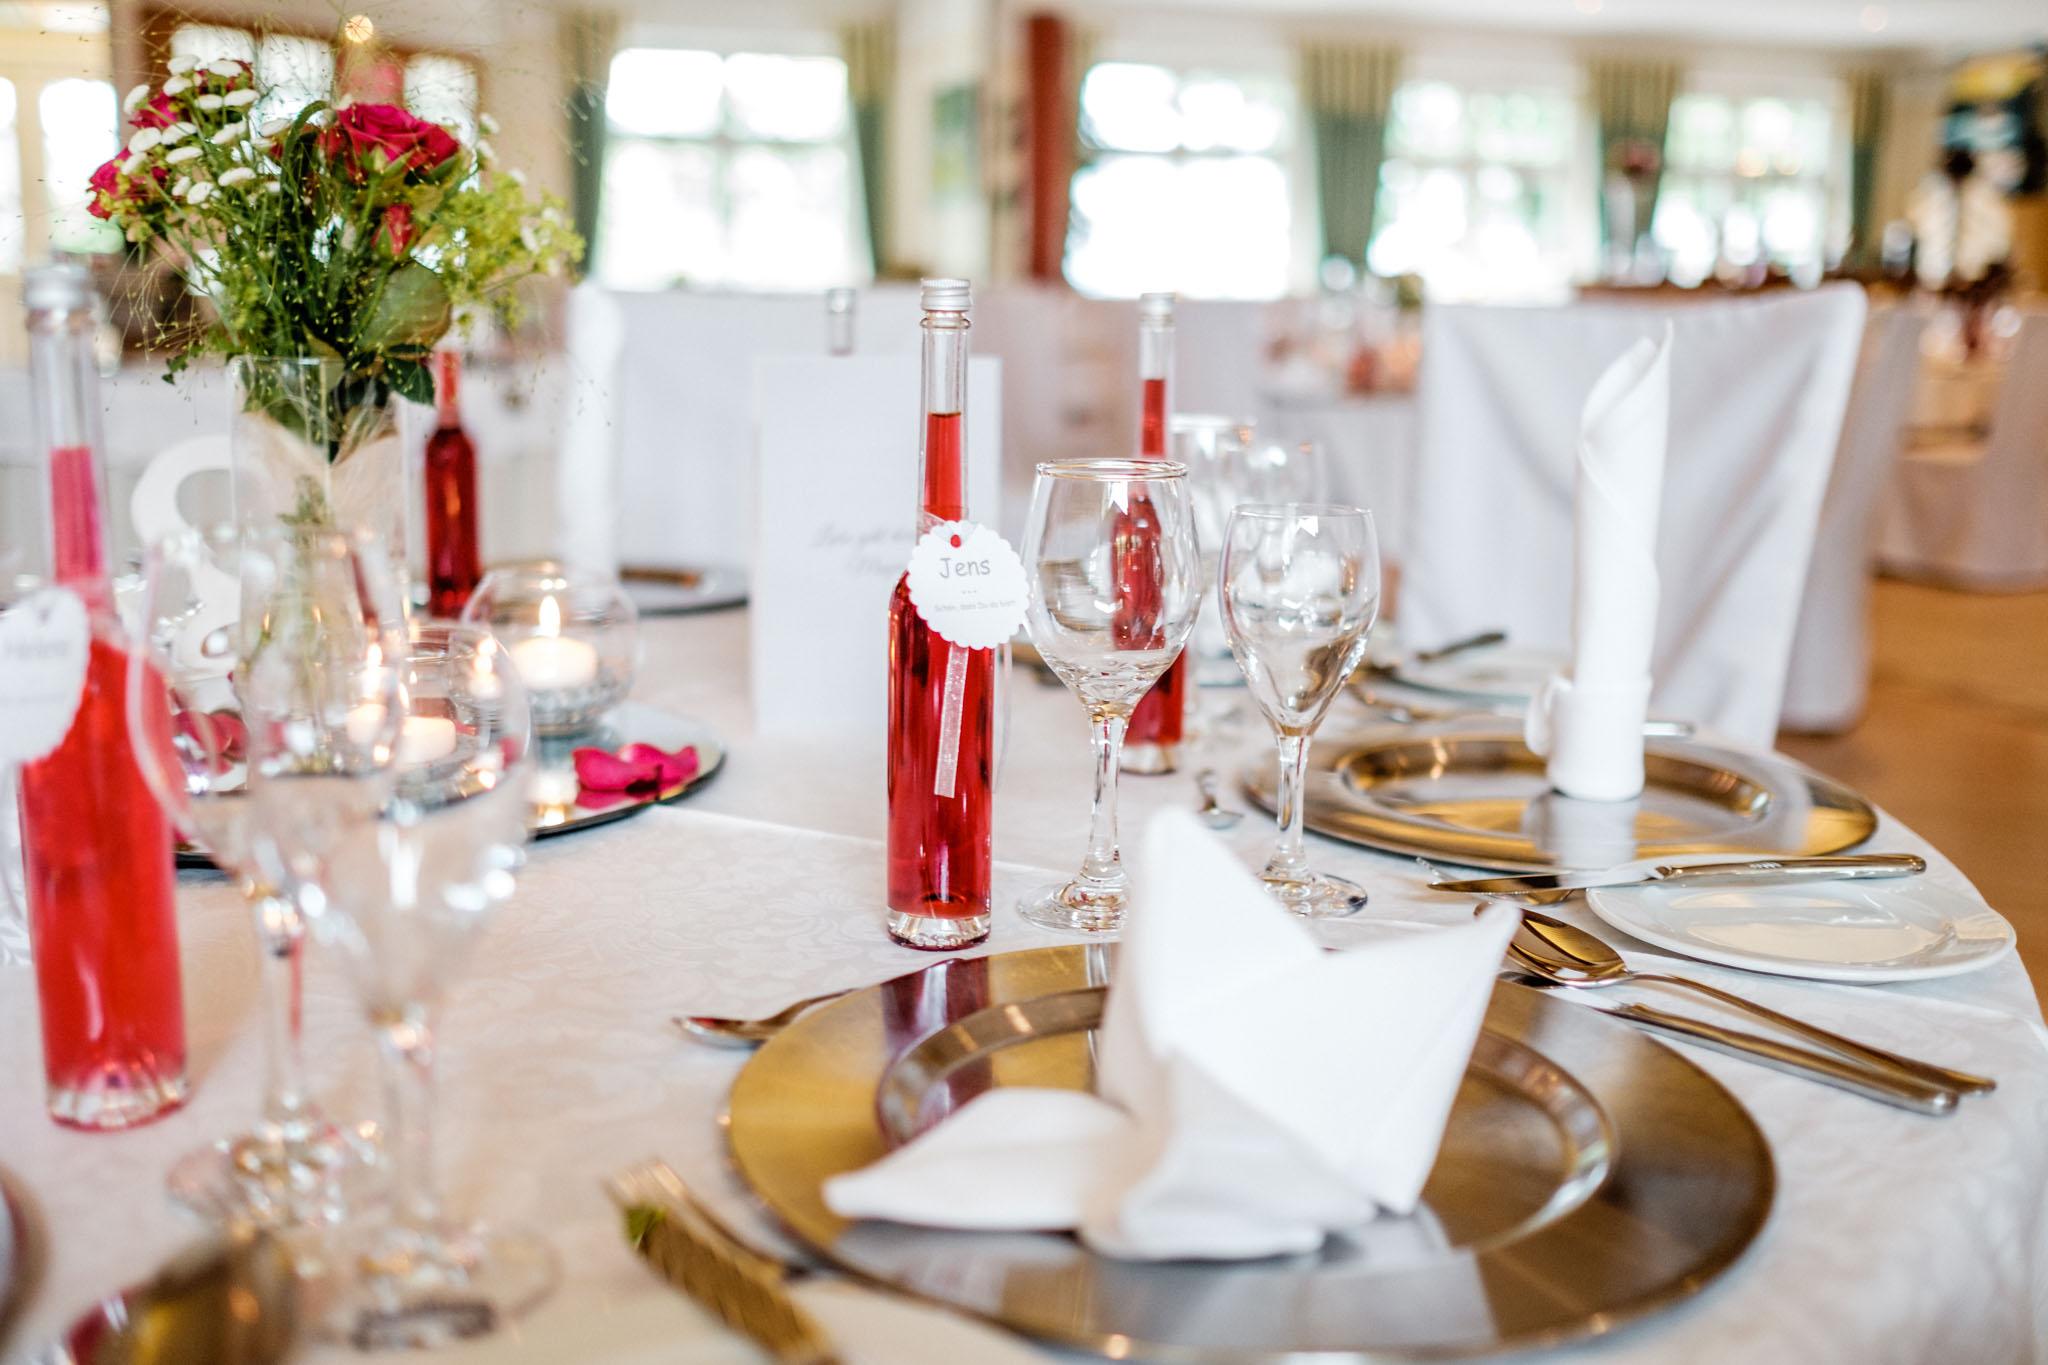 Landrestaurant Schnittker Hochzeit - Hochzeitsfeier Landrestaurant Schnittker